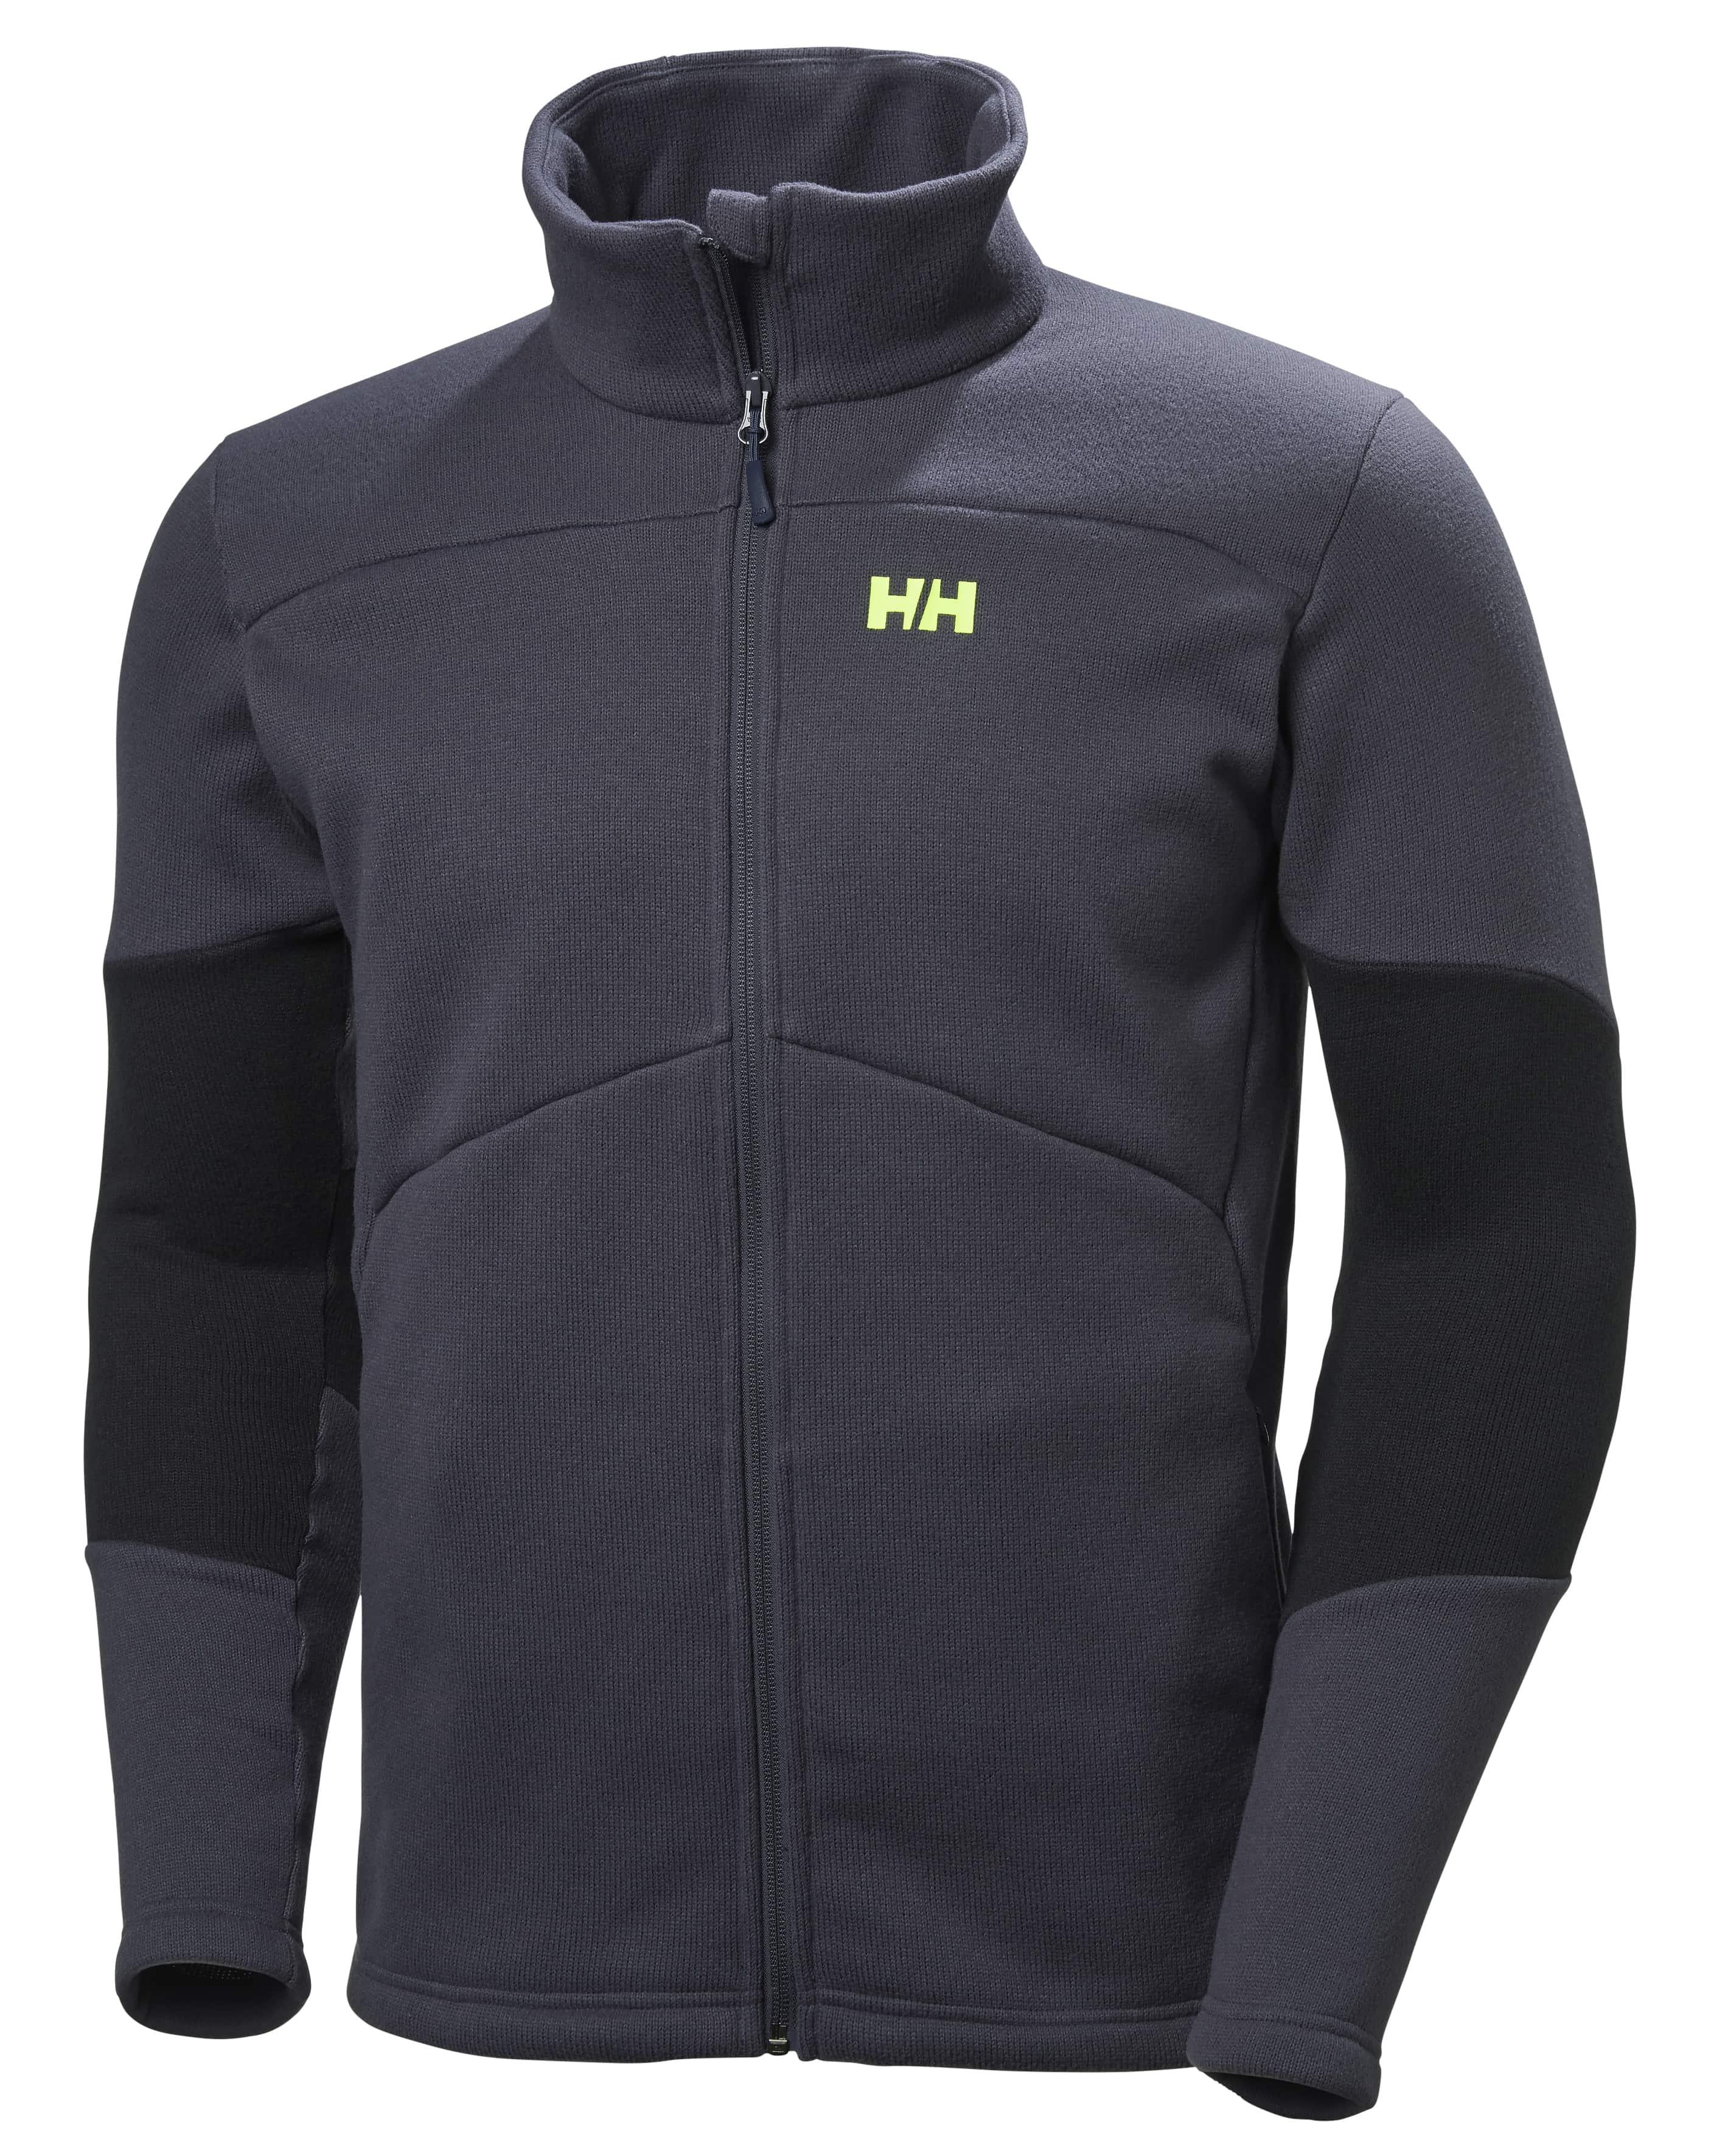 Kjøp Helly Hansen Med Best Rabatt På Nett, Helly Hansen